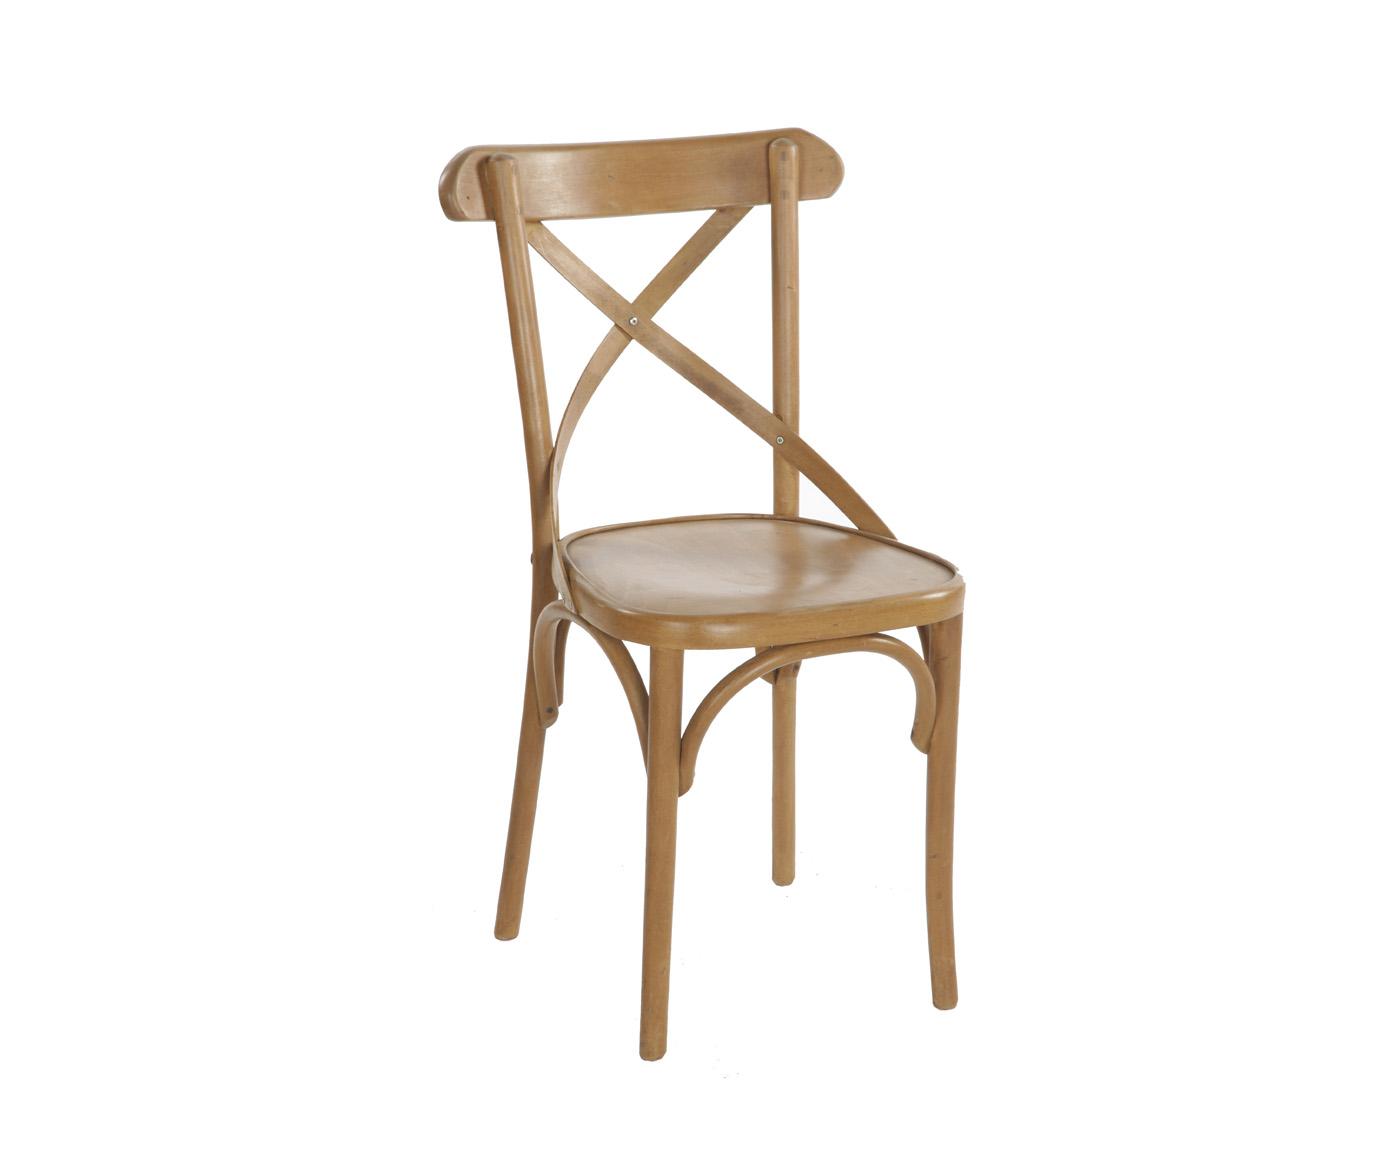 СтулОбеденные стулья<br>Несомненным преимуществом цветной мебели &amp;quot;Кантри&amp;quot; является ее высокое качество. Коллекция изготовлена в Румынии и выполнена полностью из массива дерева (средиземноморская сосна). Мебель &amp;quot;Кантри&amp;quot; из массива рассчитана на длительное и активное использование.<br>Кроме того, большая часть предметов коллекции  &amp;quot;Кантри&amp;quot; покрыта двумя слоями красок разных цветов и запатинирована. Искусственная состаренность придает мебели особый теплый деревенский шарм.<br><br>Material: Сосна<br>Length см: 0<br>Width см: 40<br>Depth см: 53<br>Height см: 85<br>Diameter см: 0